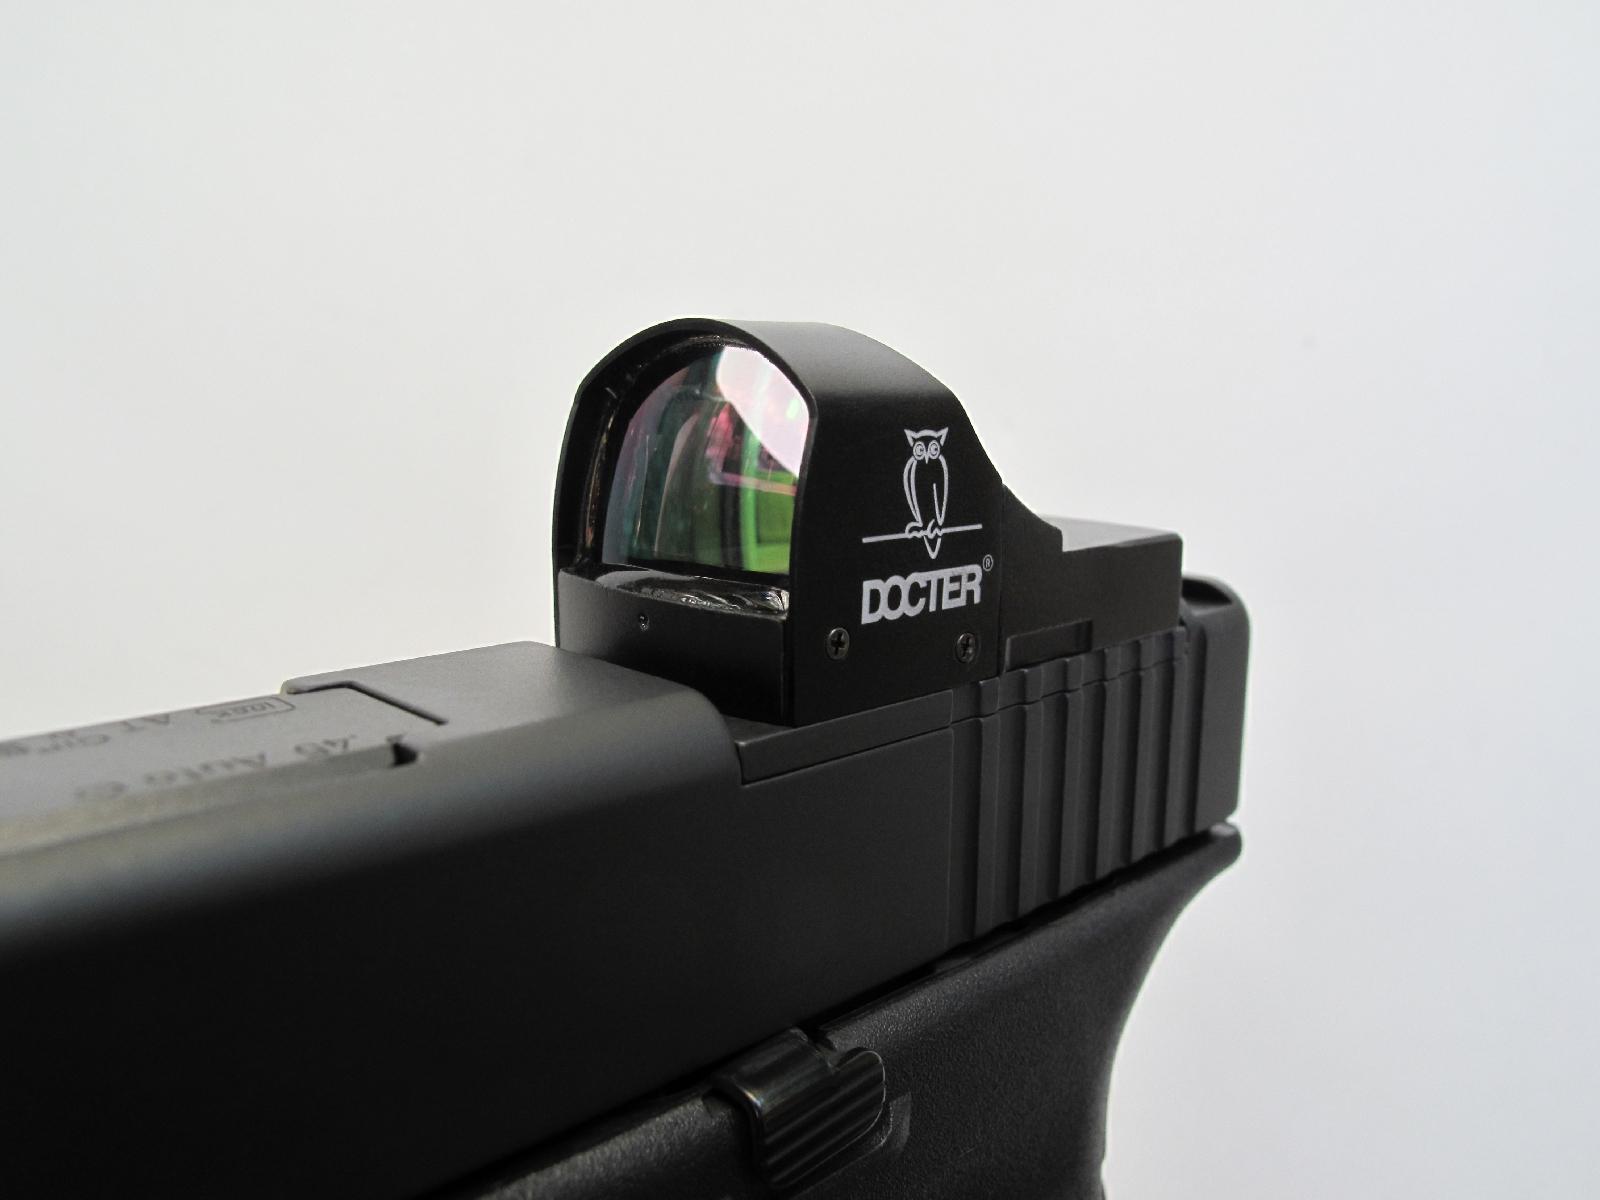 Ce viseur se révèle idéal pour être utilisé sur le pistolet Glock, dont les versions « MOS » (Modular Optic System) sont livrés avec plusieurs platines dont l'une est dédiée aux viseurs Docter Sight II et III, Eotech Mini Red Dot, Insight MRDS et Meopta MeoSight, tous ces modèles partageant les mêmes normes de montage.